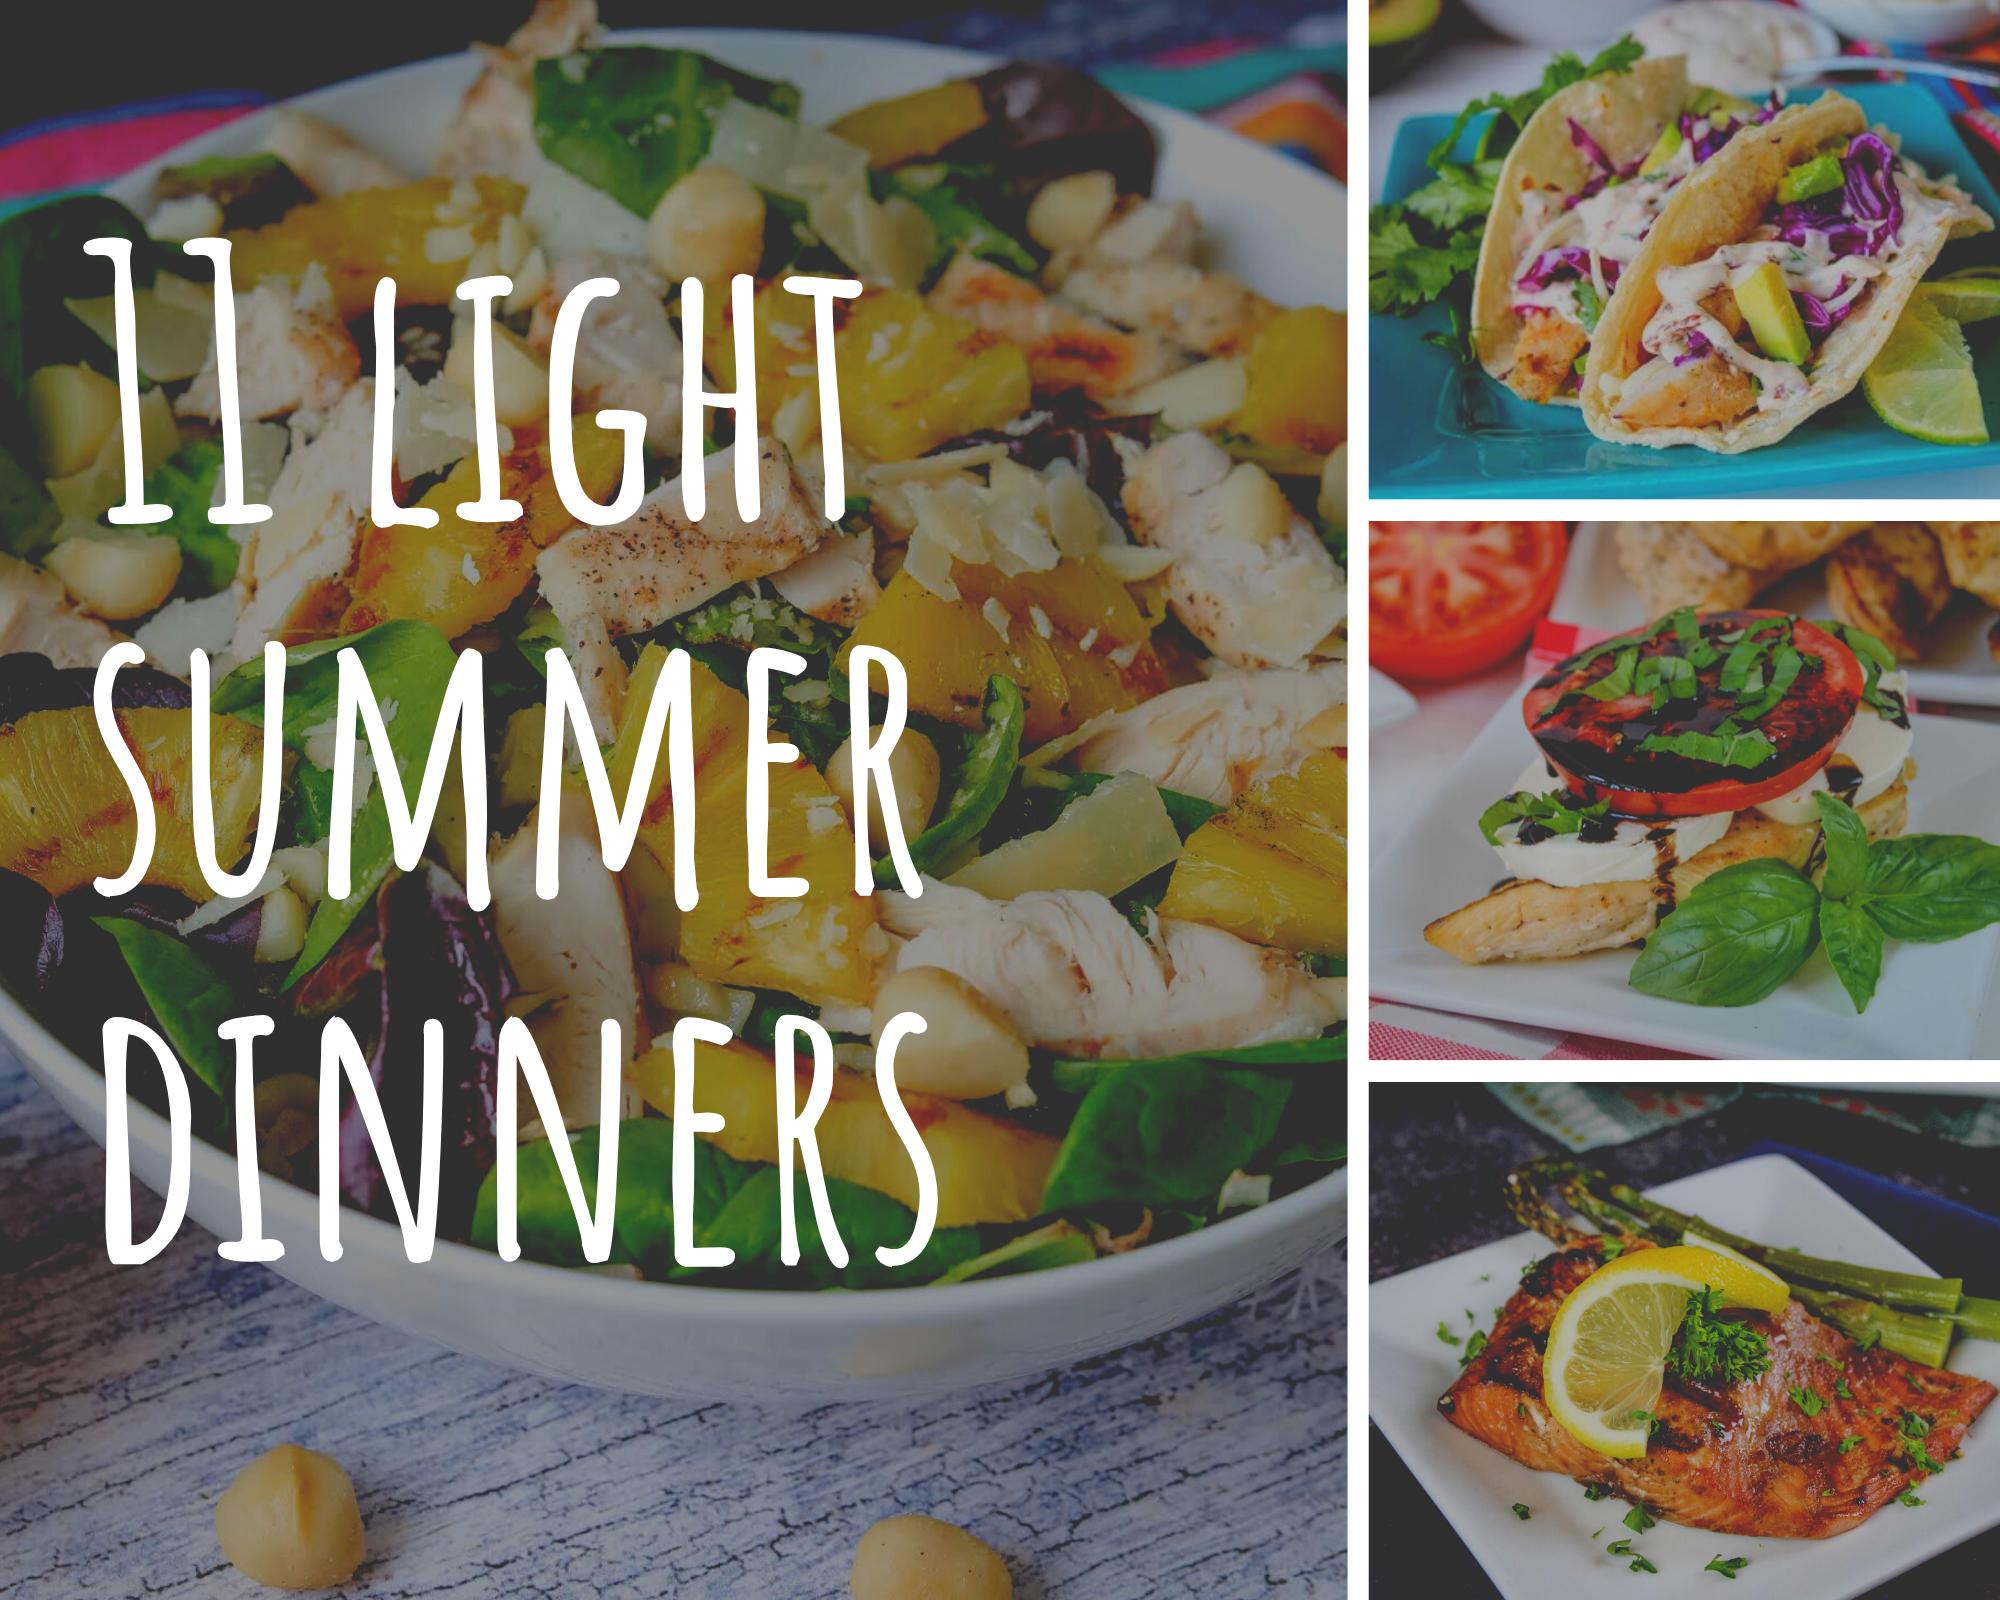 light summer dinner ideas